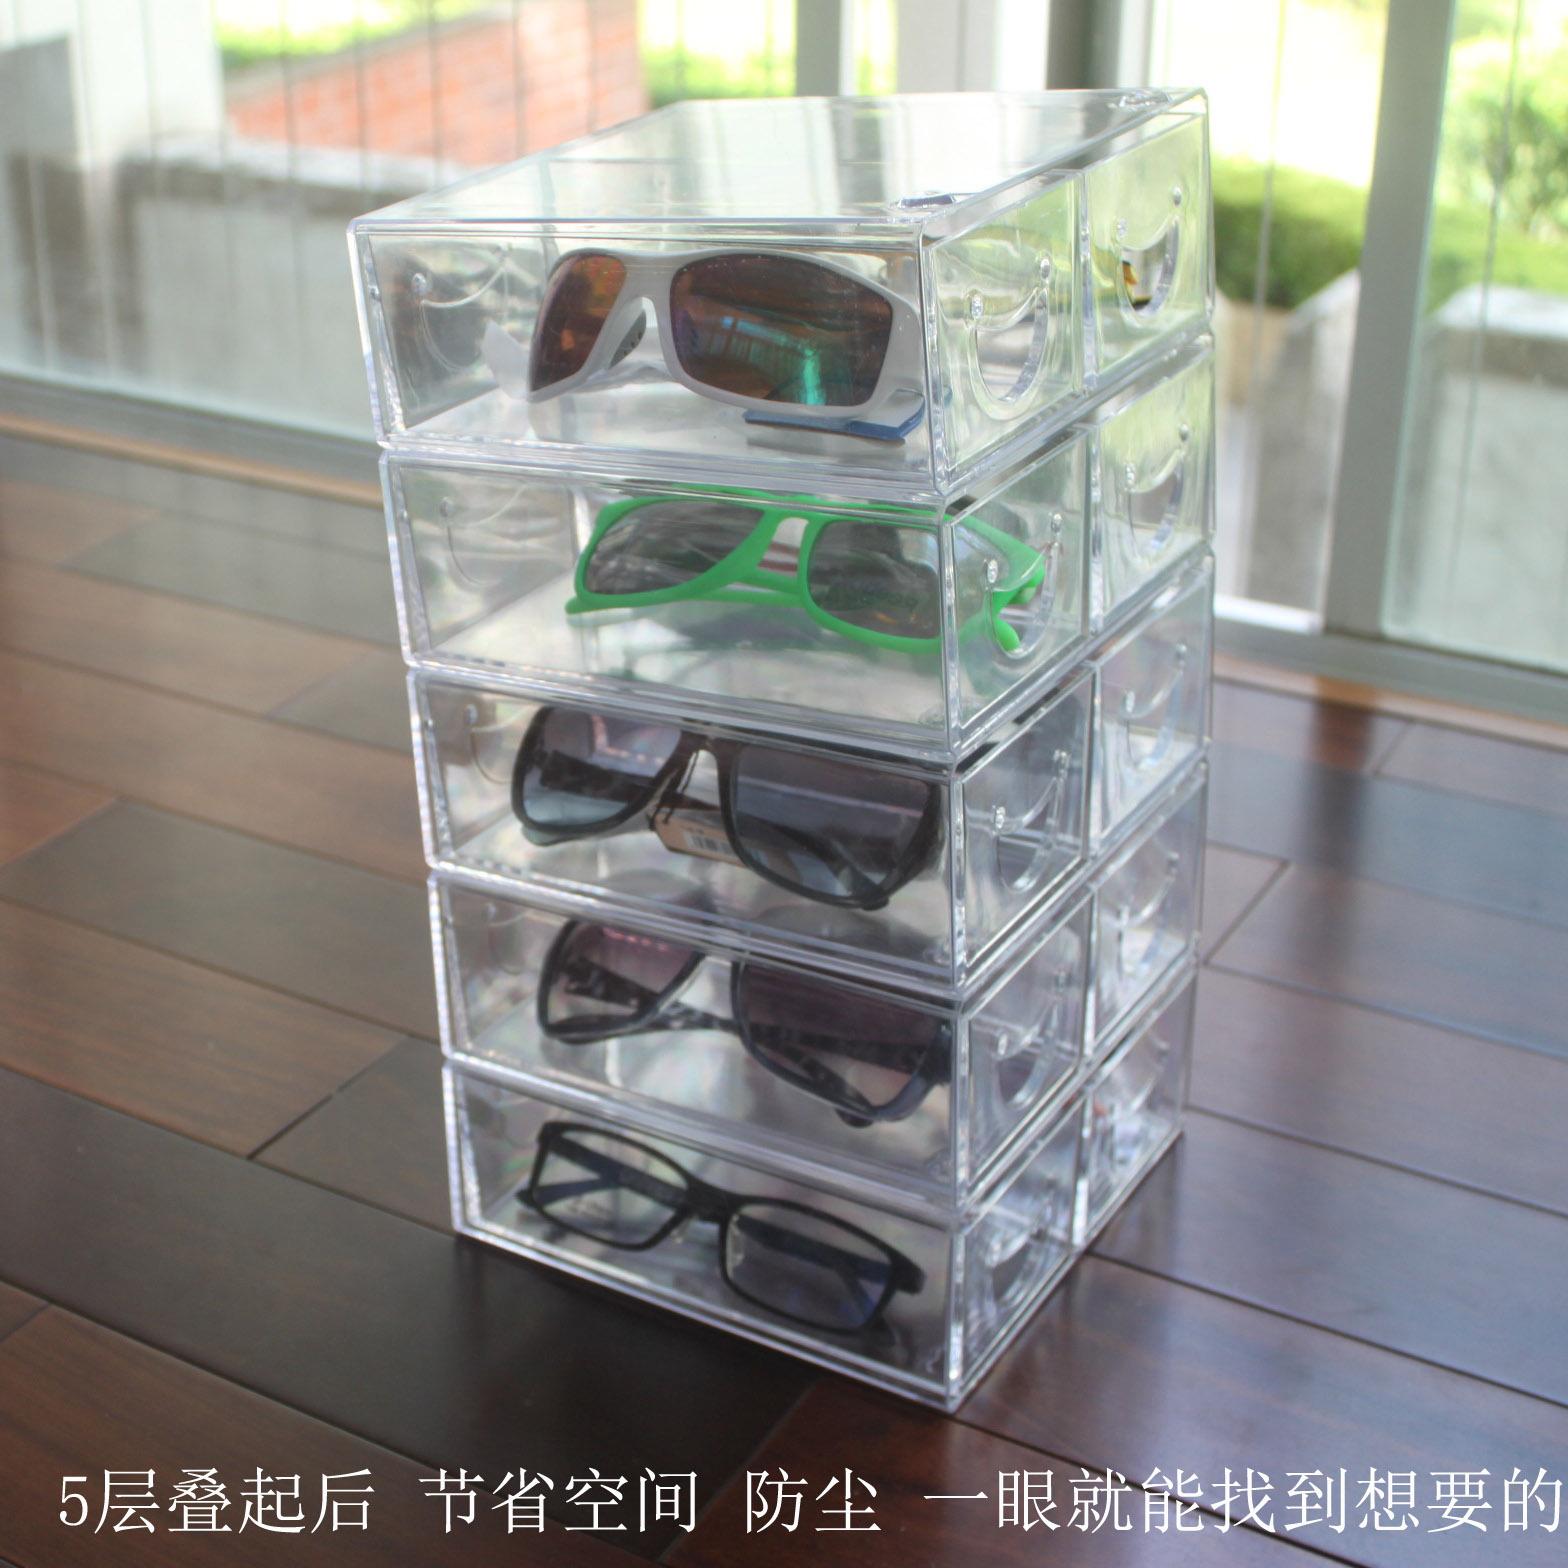 Рабочий стол многослойный очки темные очки лента лента аксессуары хранение полка ящик очки хранение шоу чэн строка кабинет